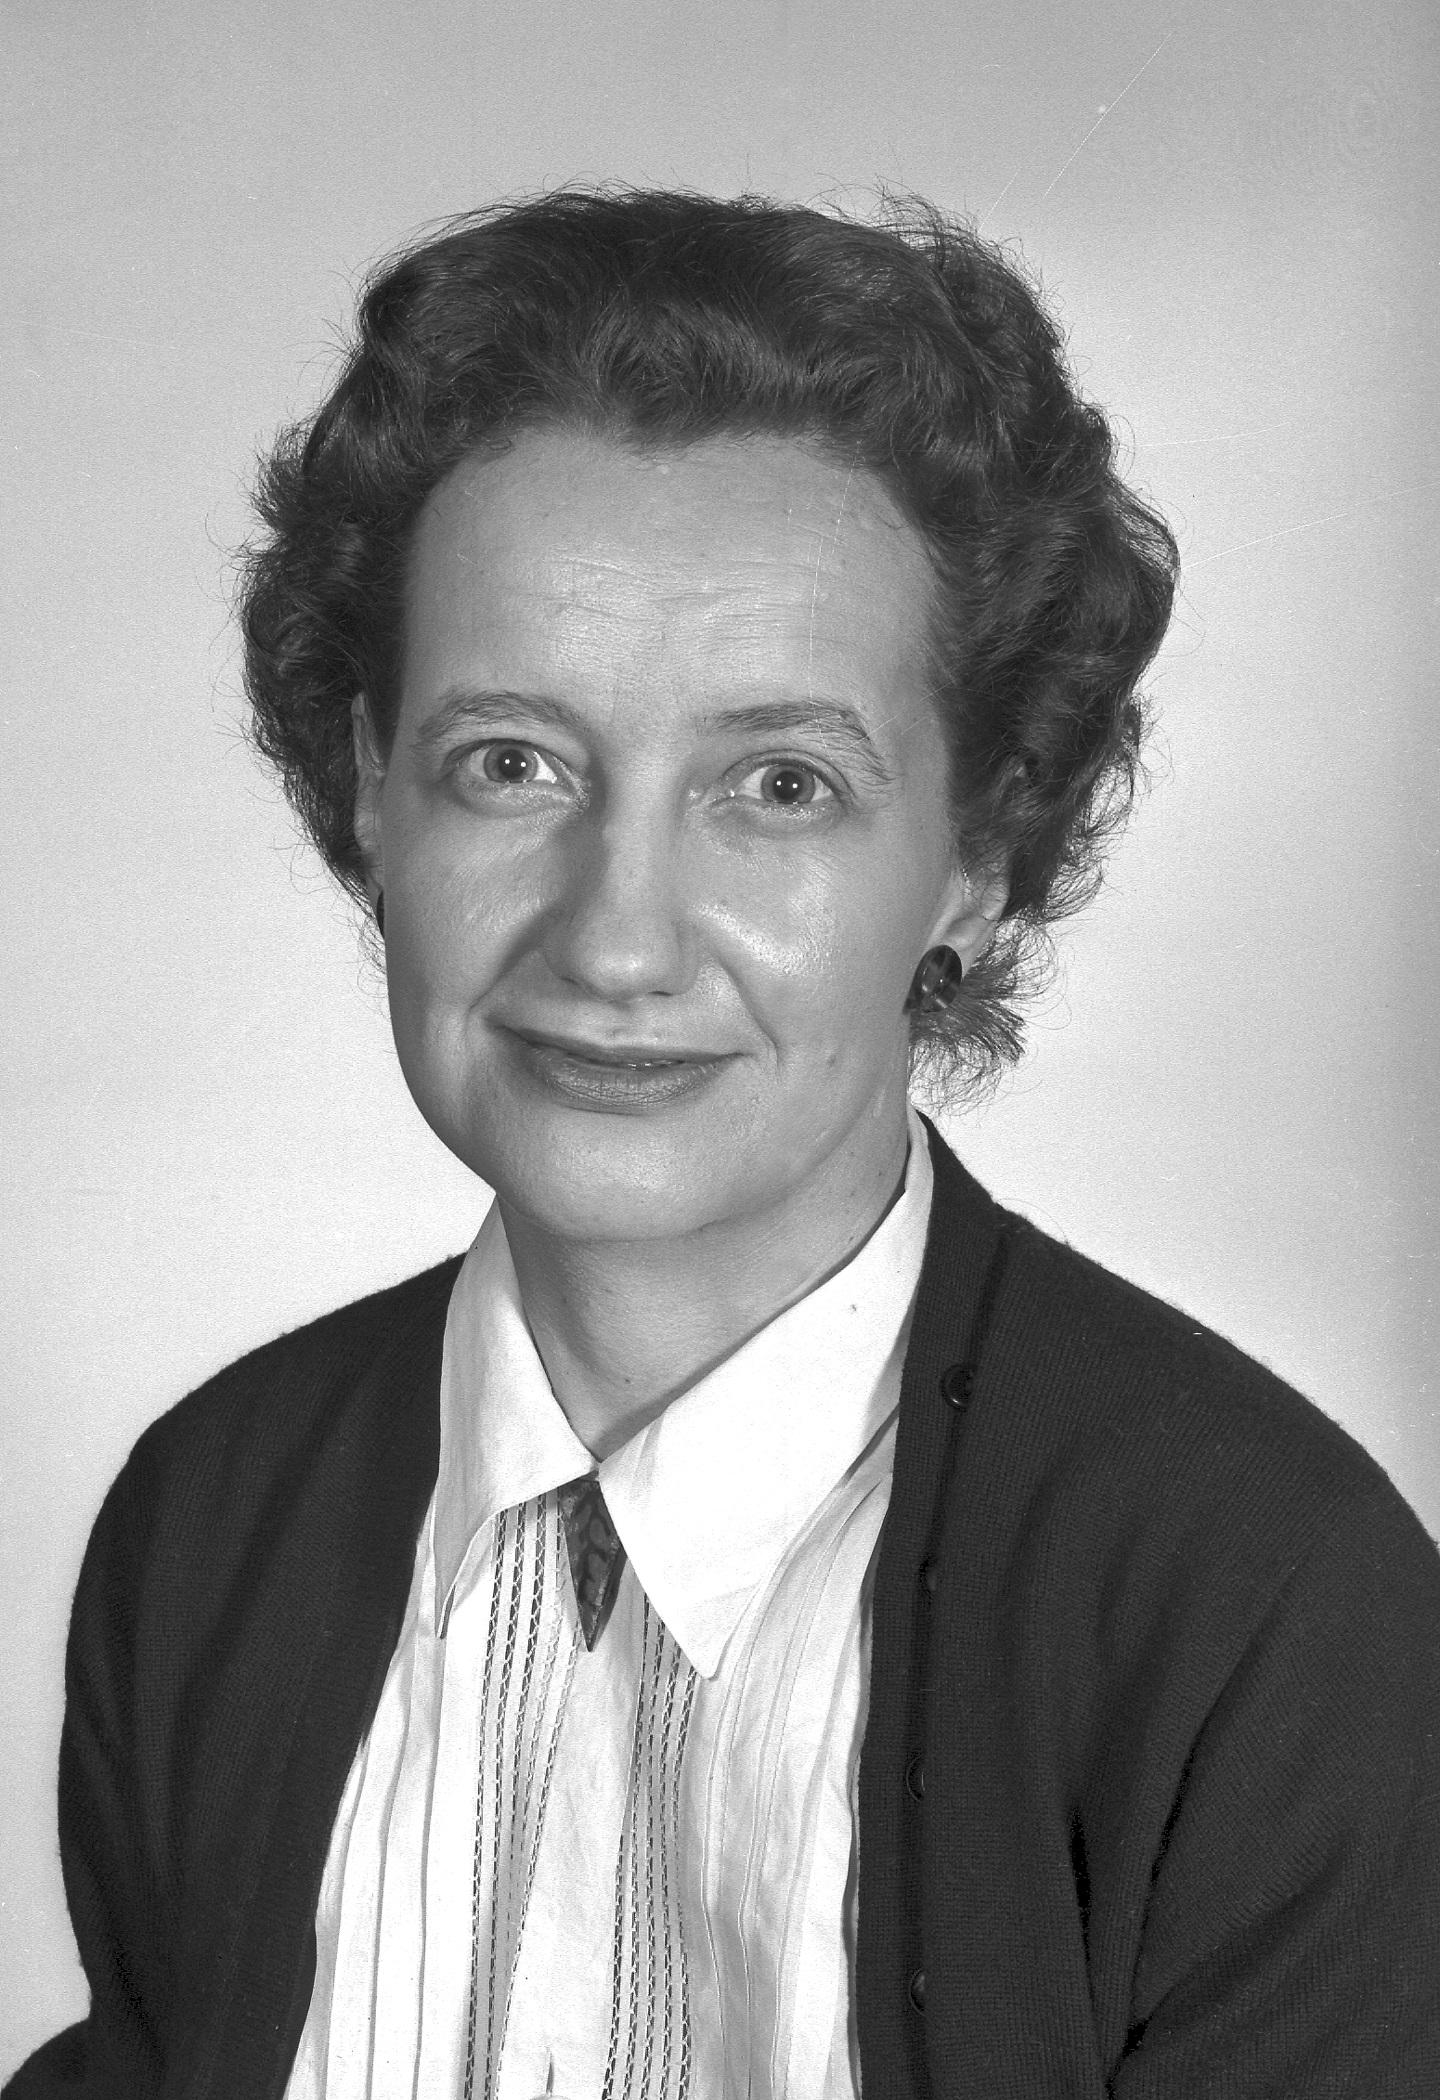 Photo of Brenda Milner in 1956